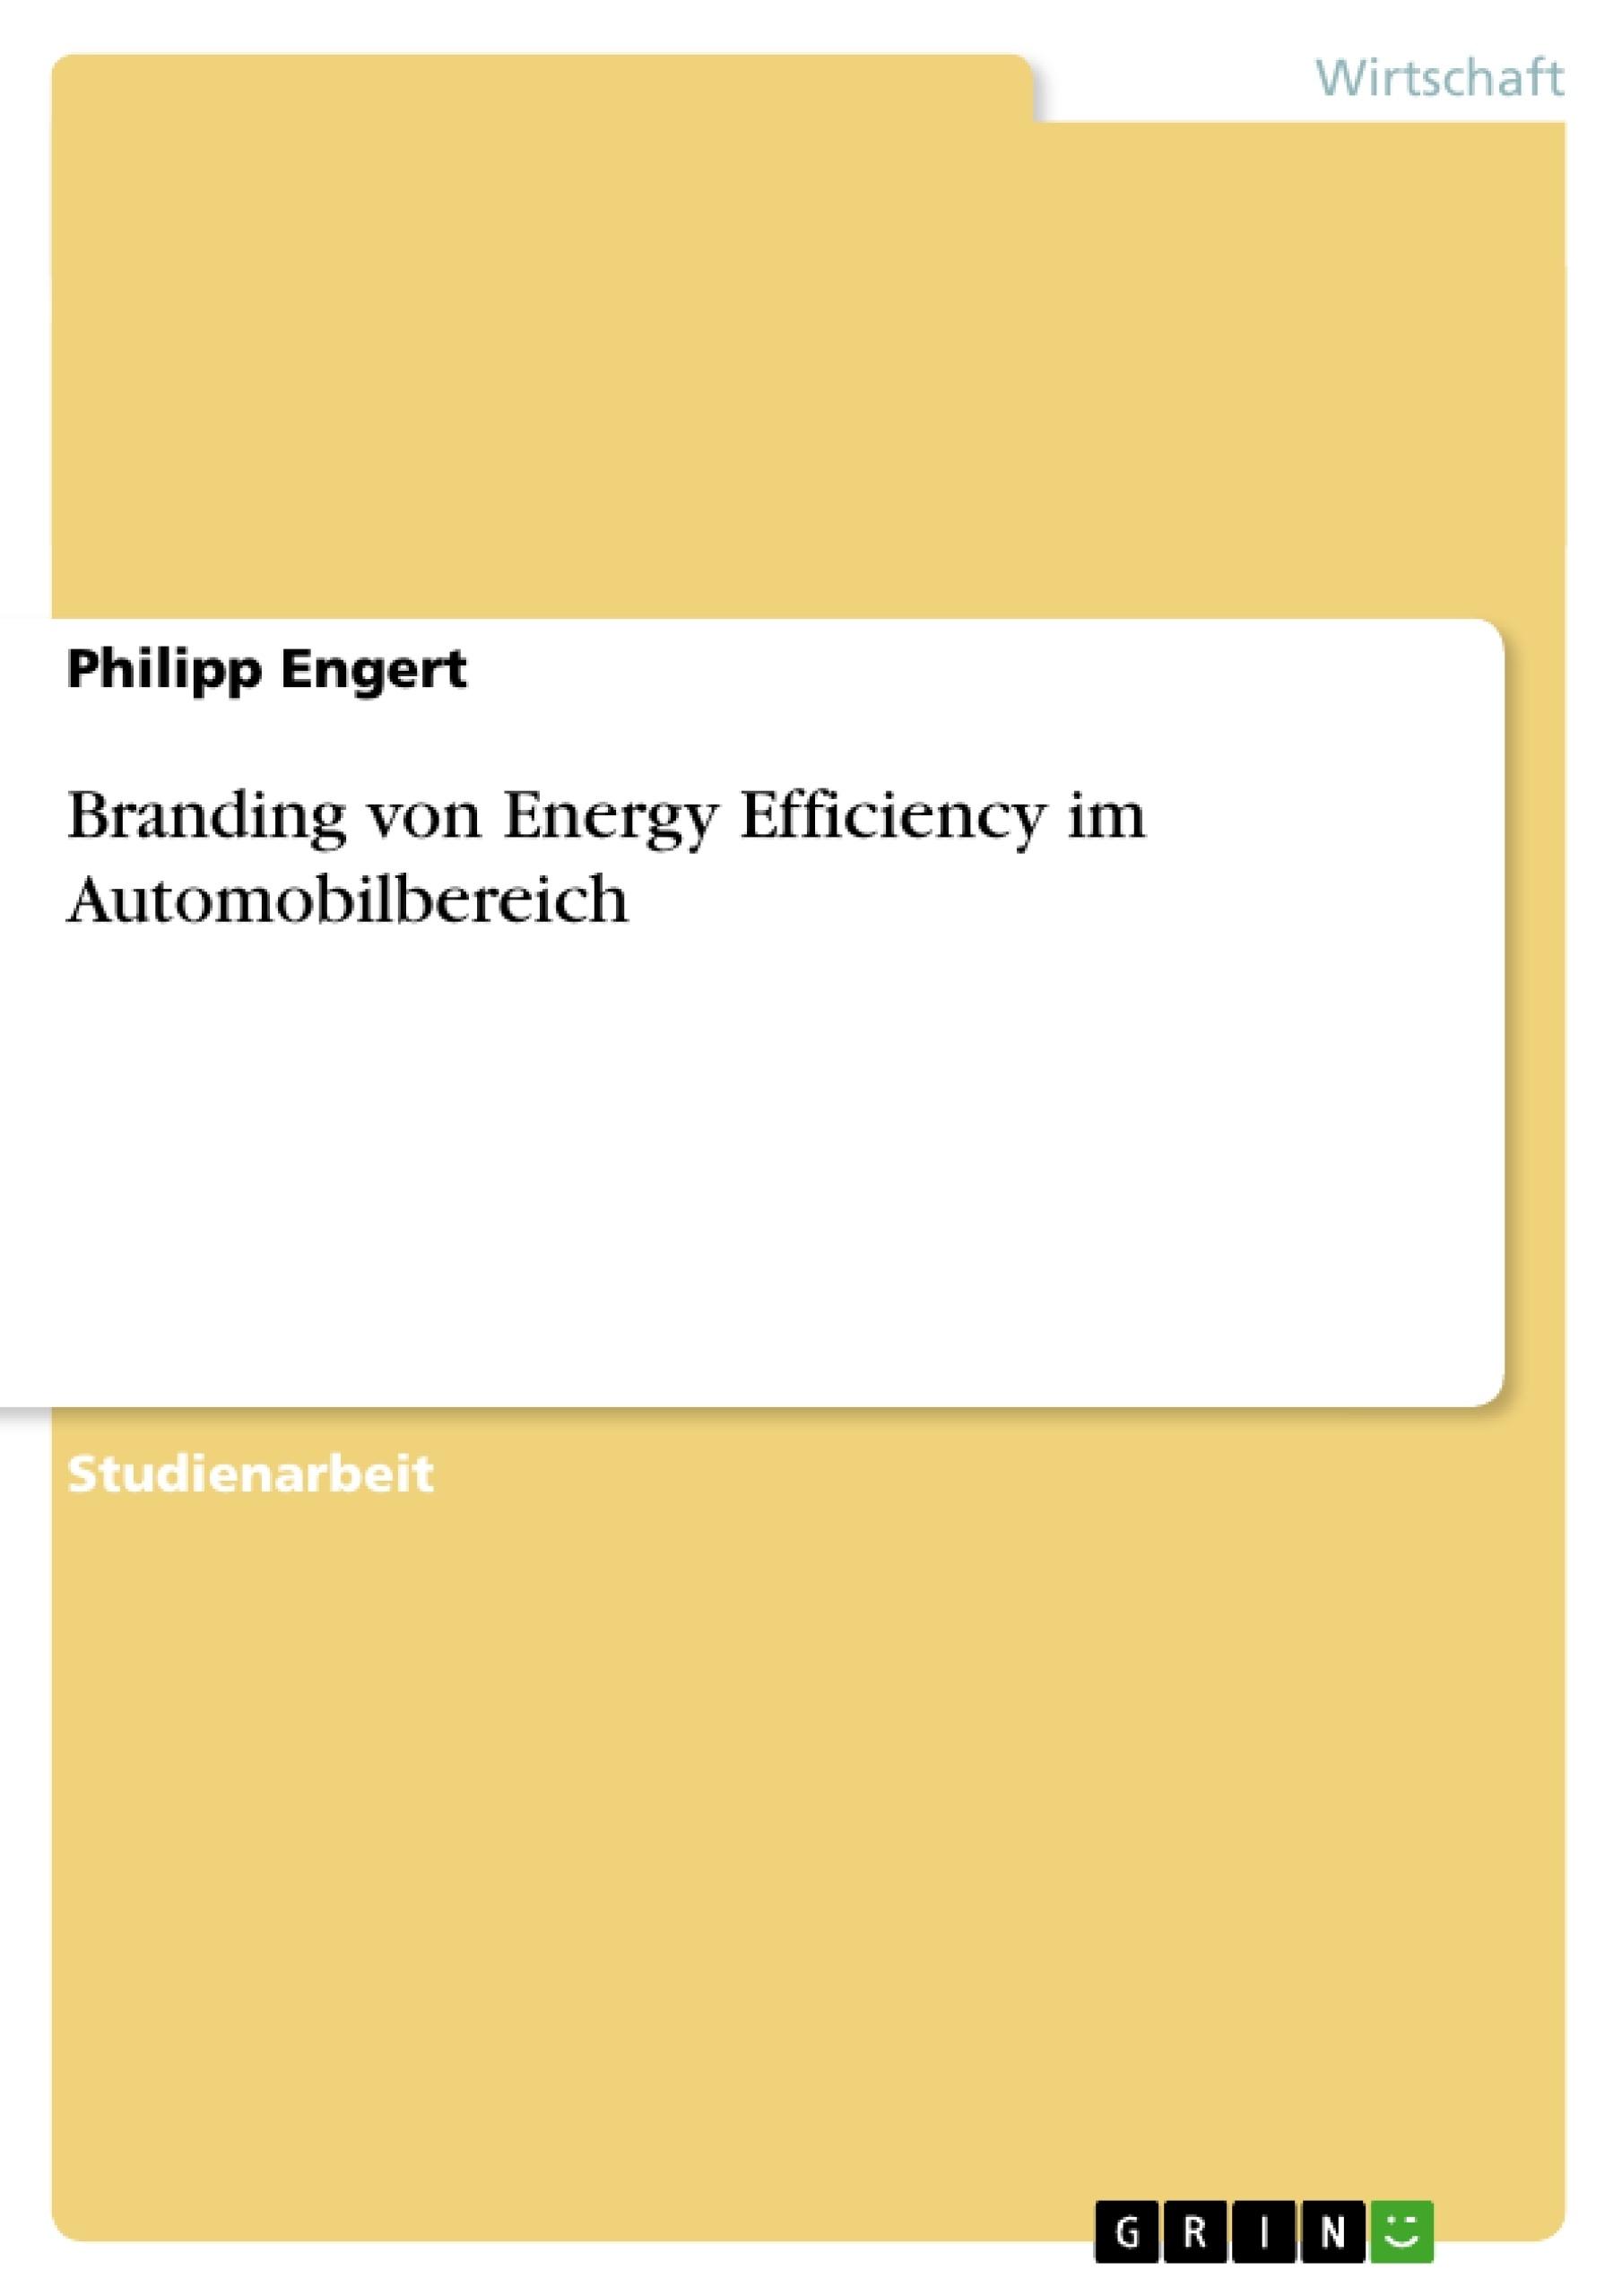 Titel: Branding von Energy Efficiency im Automobilbereich